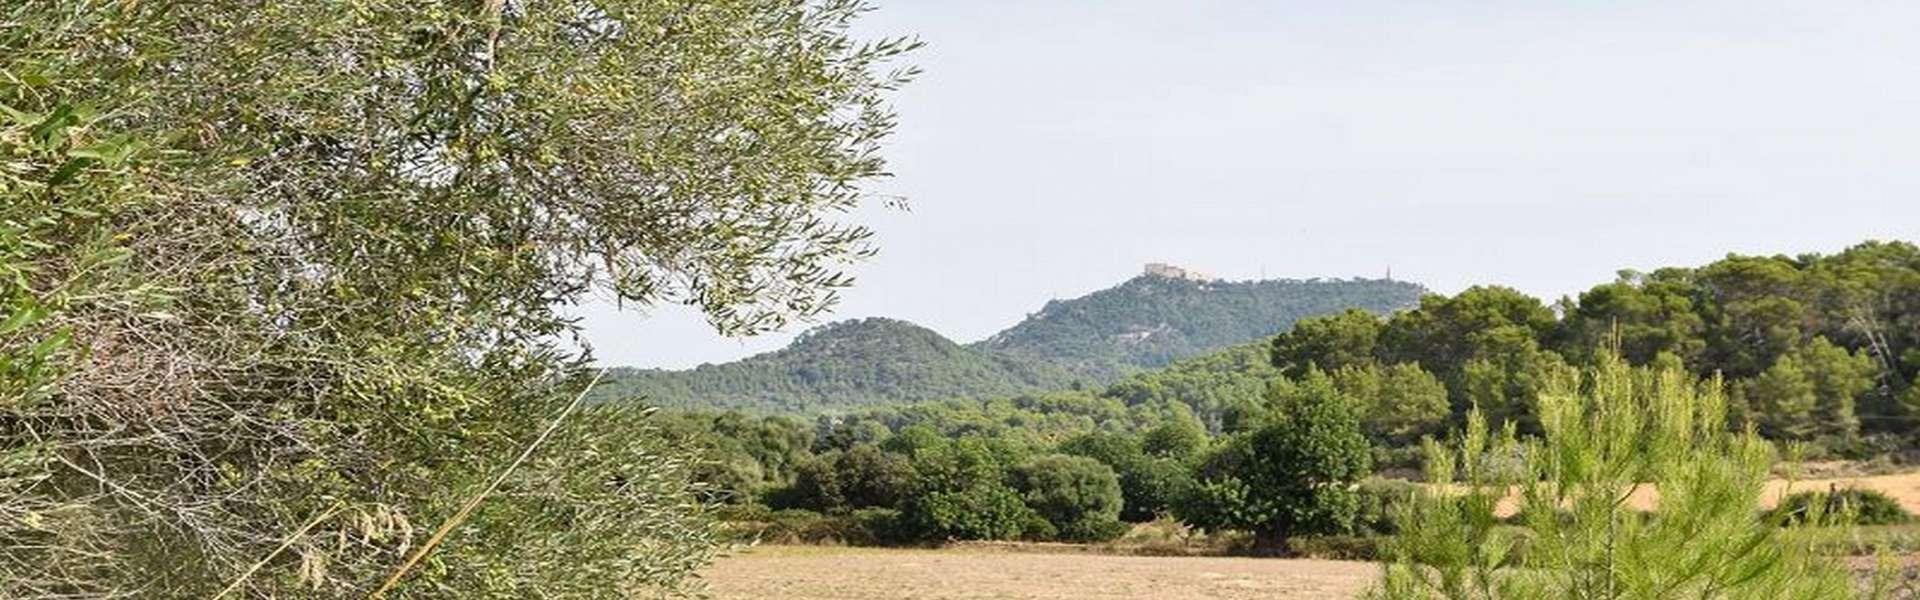 Cas Concos - Terreno de construcción de la finca con proyecto aprobado